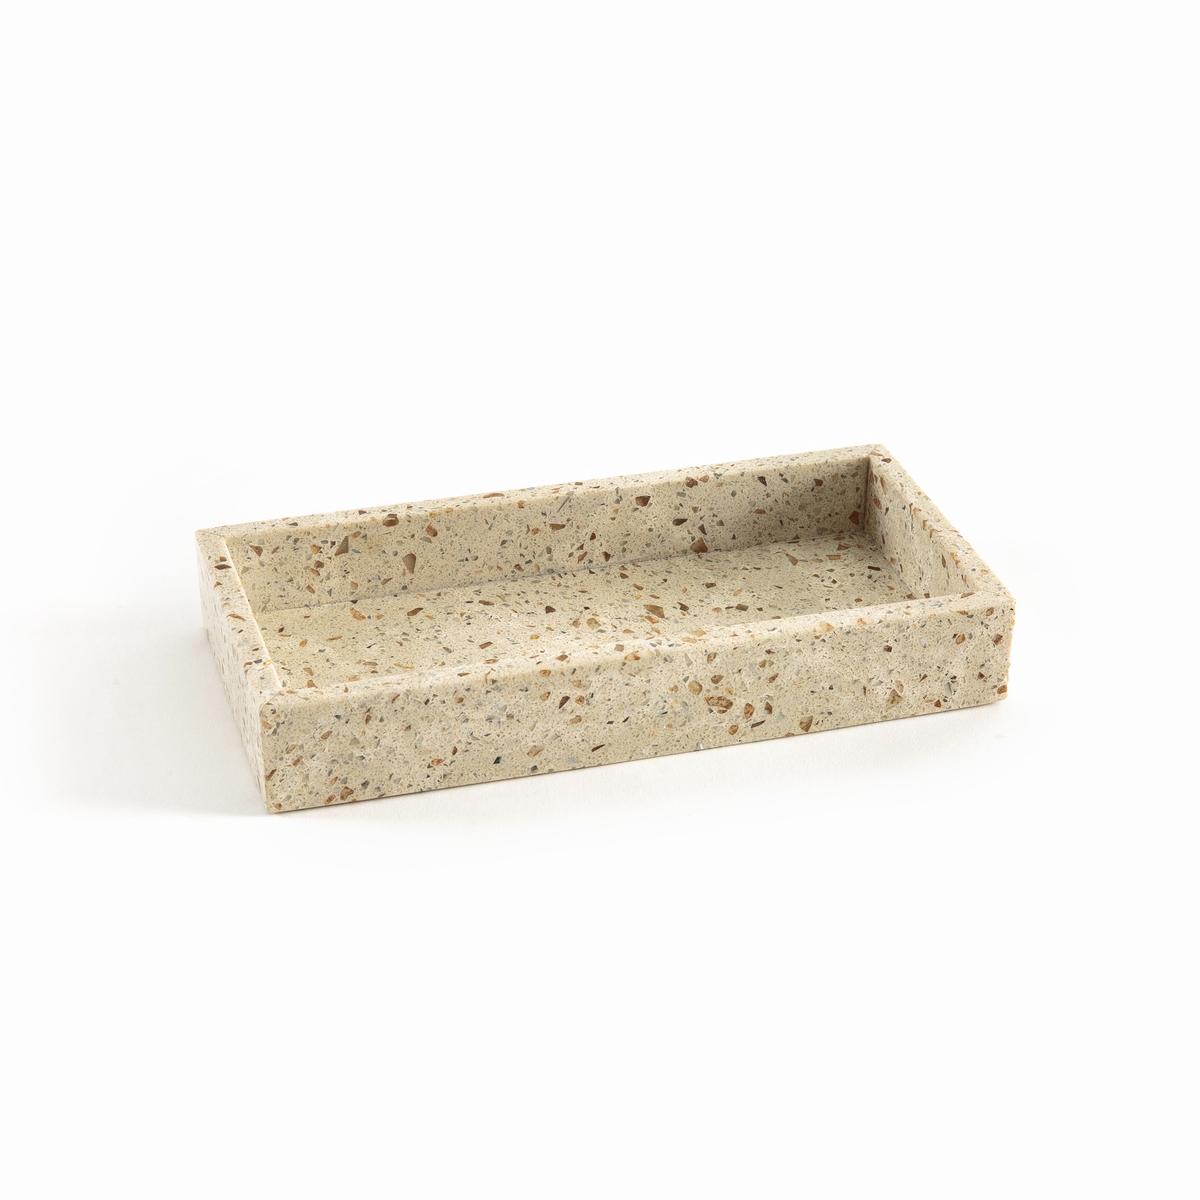 Поднос из бетона терраццо , Terzetto